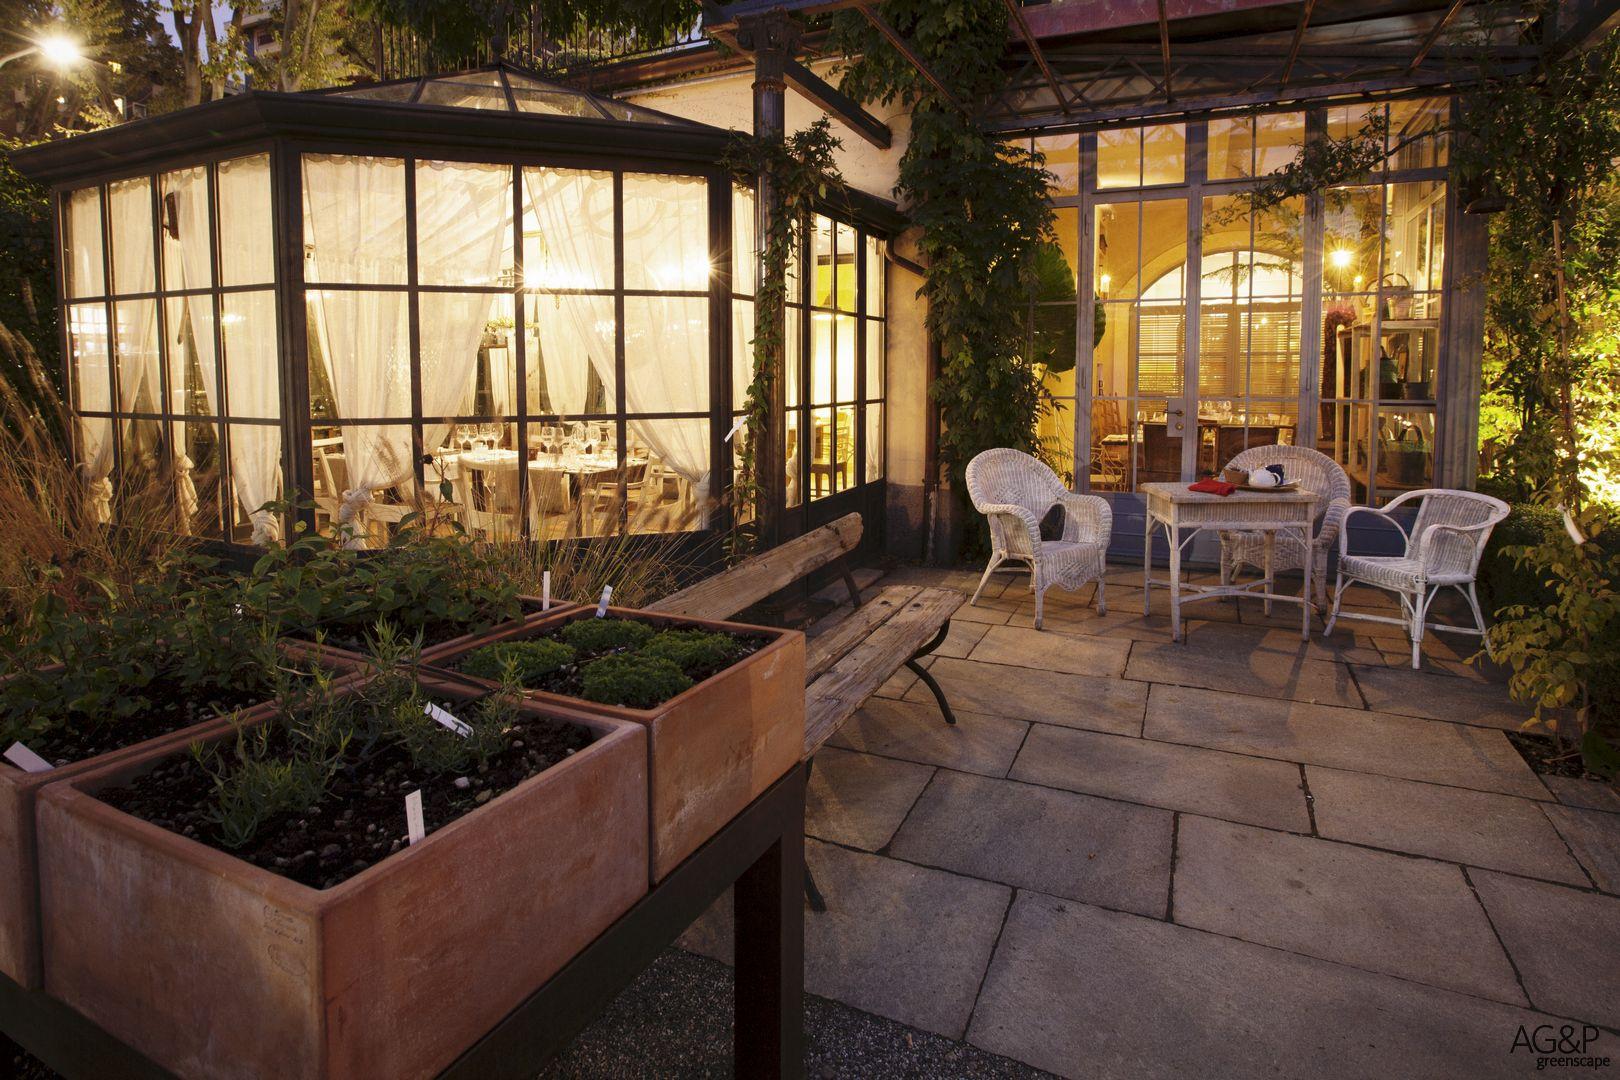 Giardino Ristorante Alfresco 8 Ag P Greenscape